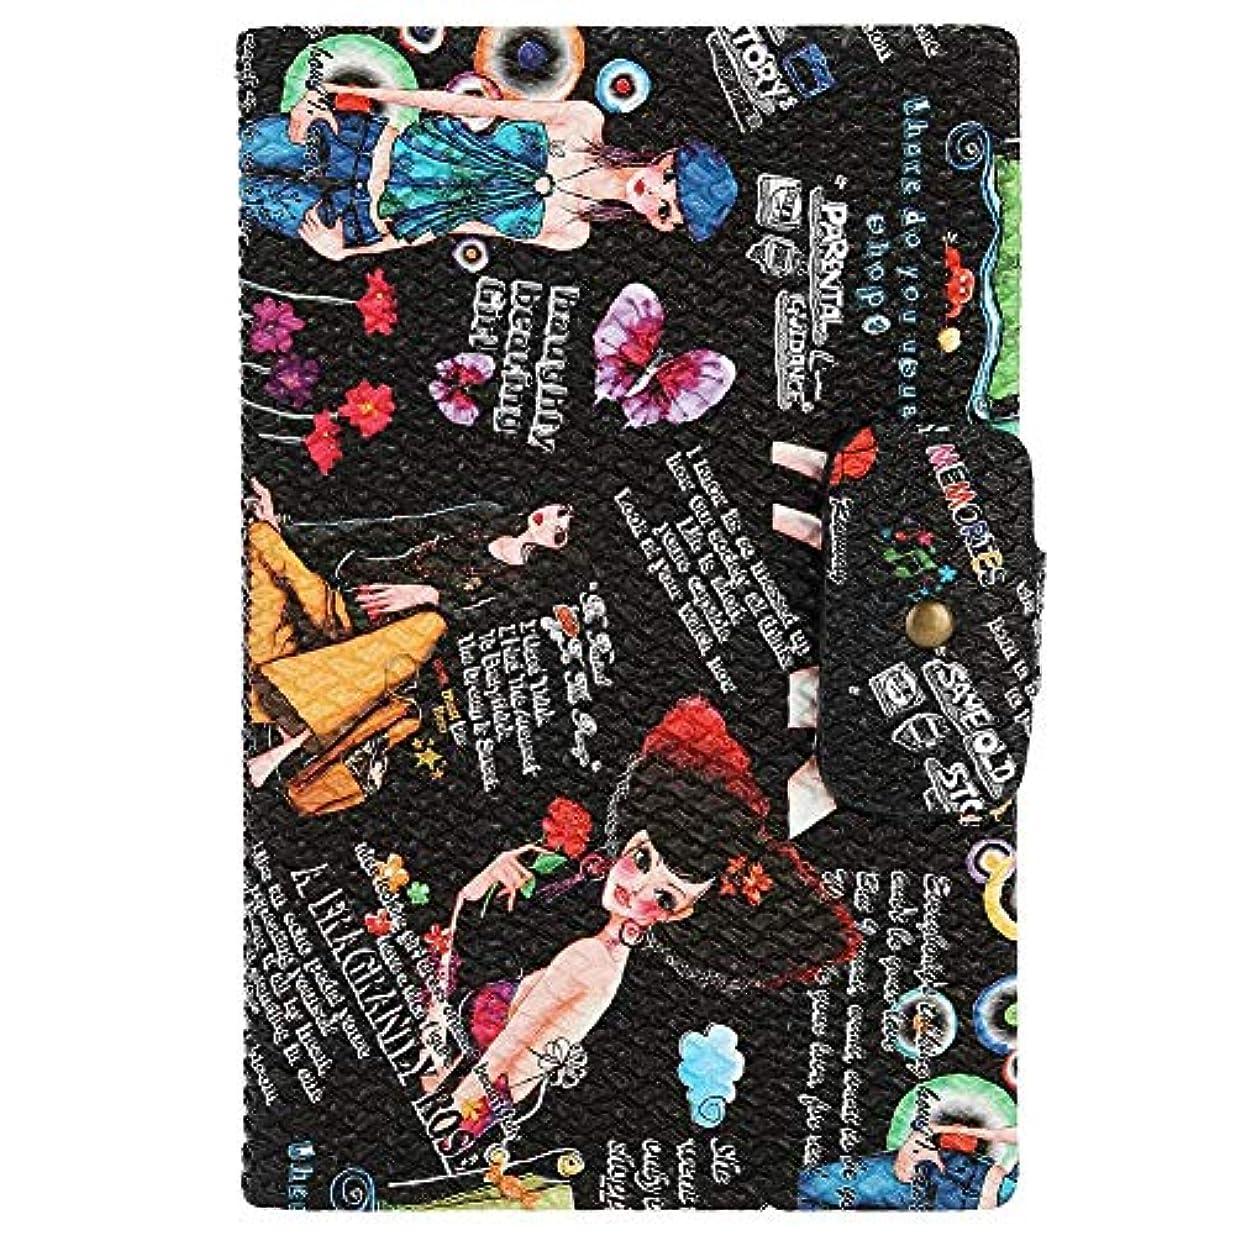 履歴書セッションボールネイルアートディスプレイスタンド 160色表示 プラスチック板 ネイルポリッシュカラー ディスプレイ サロン アクセサリー(02)